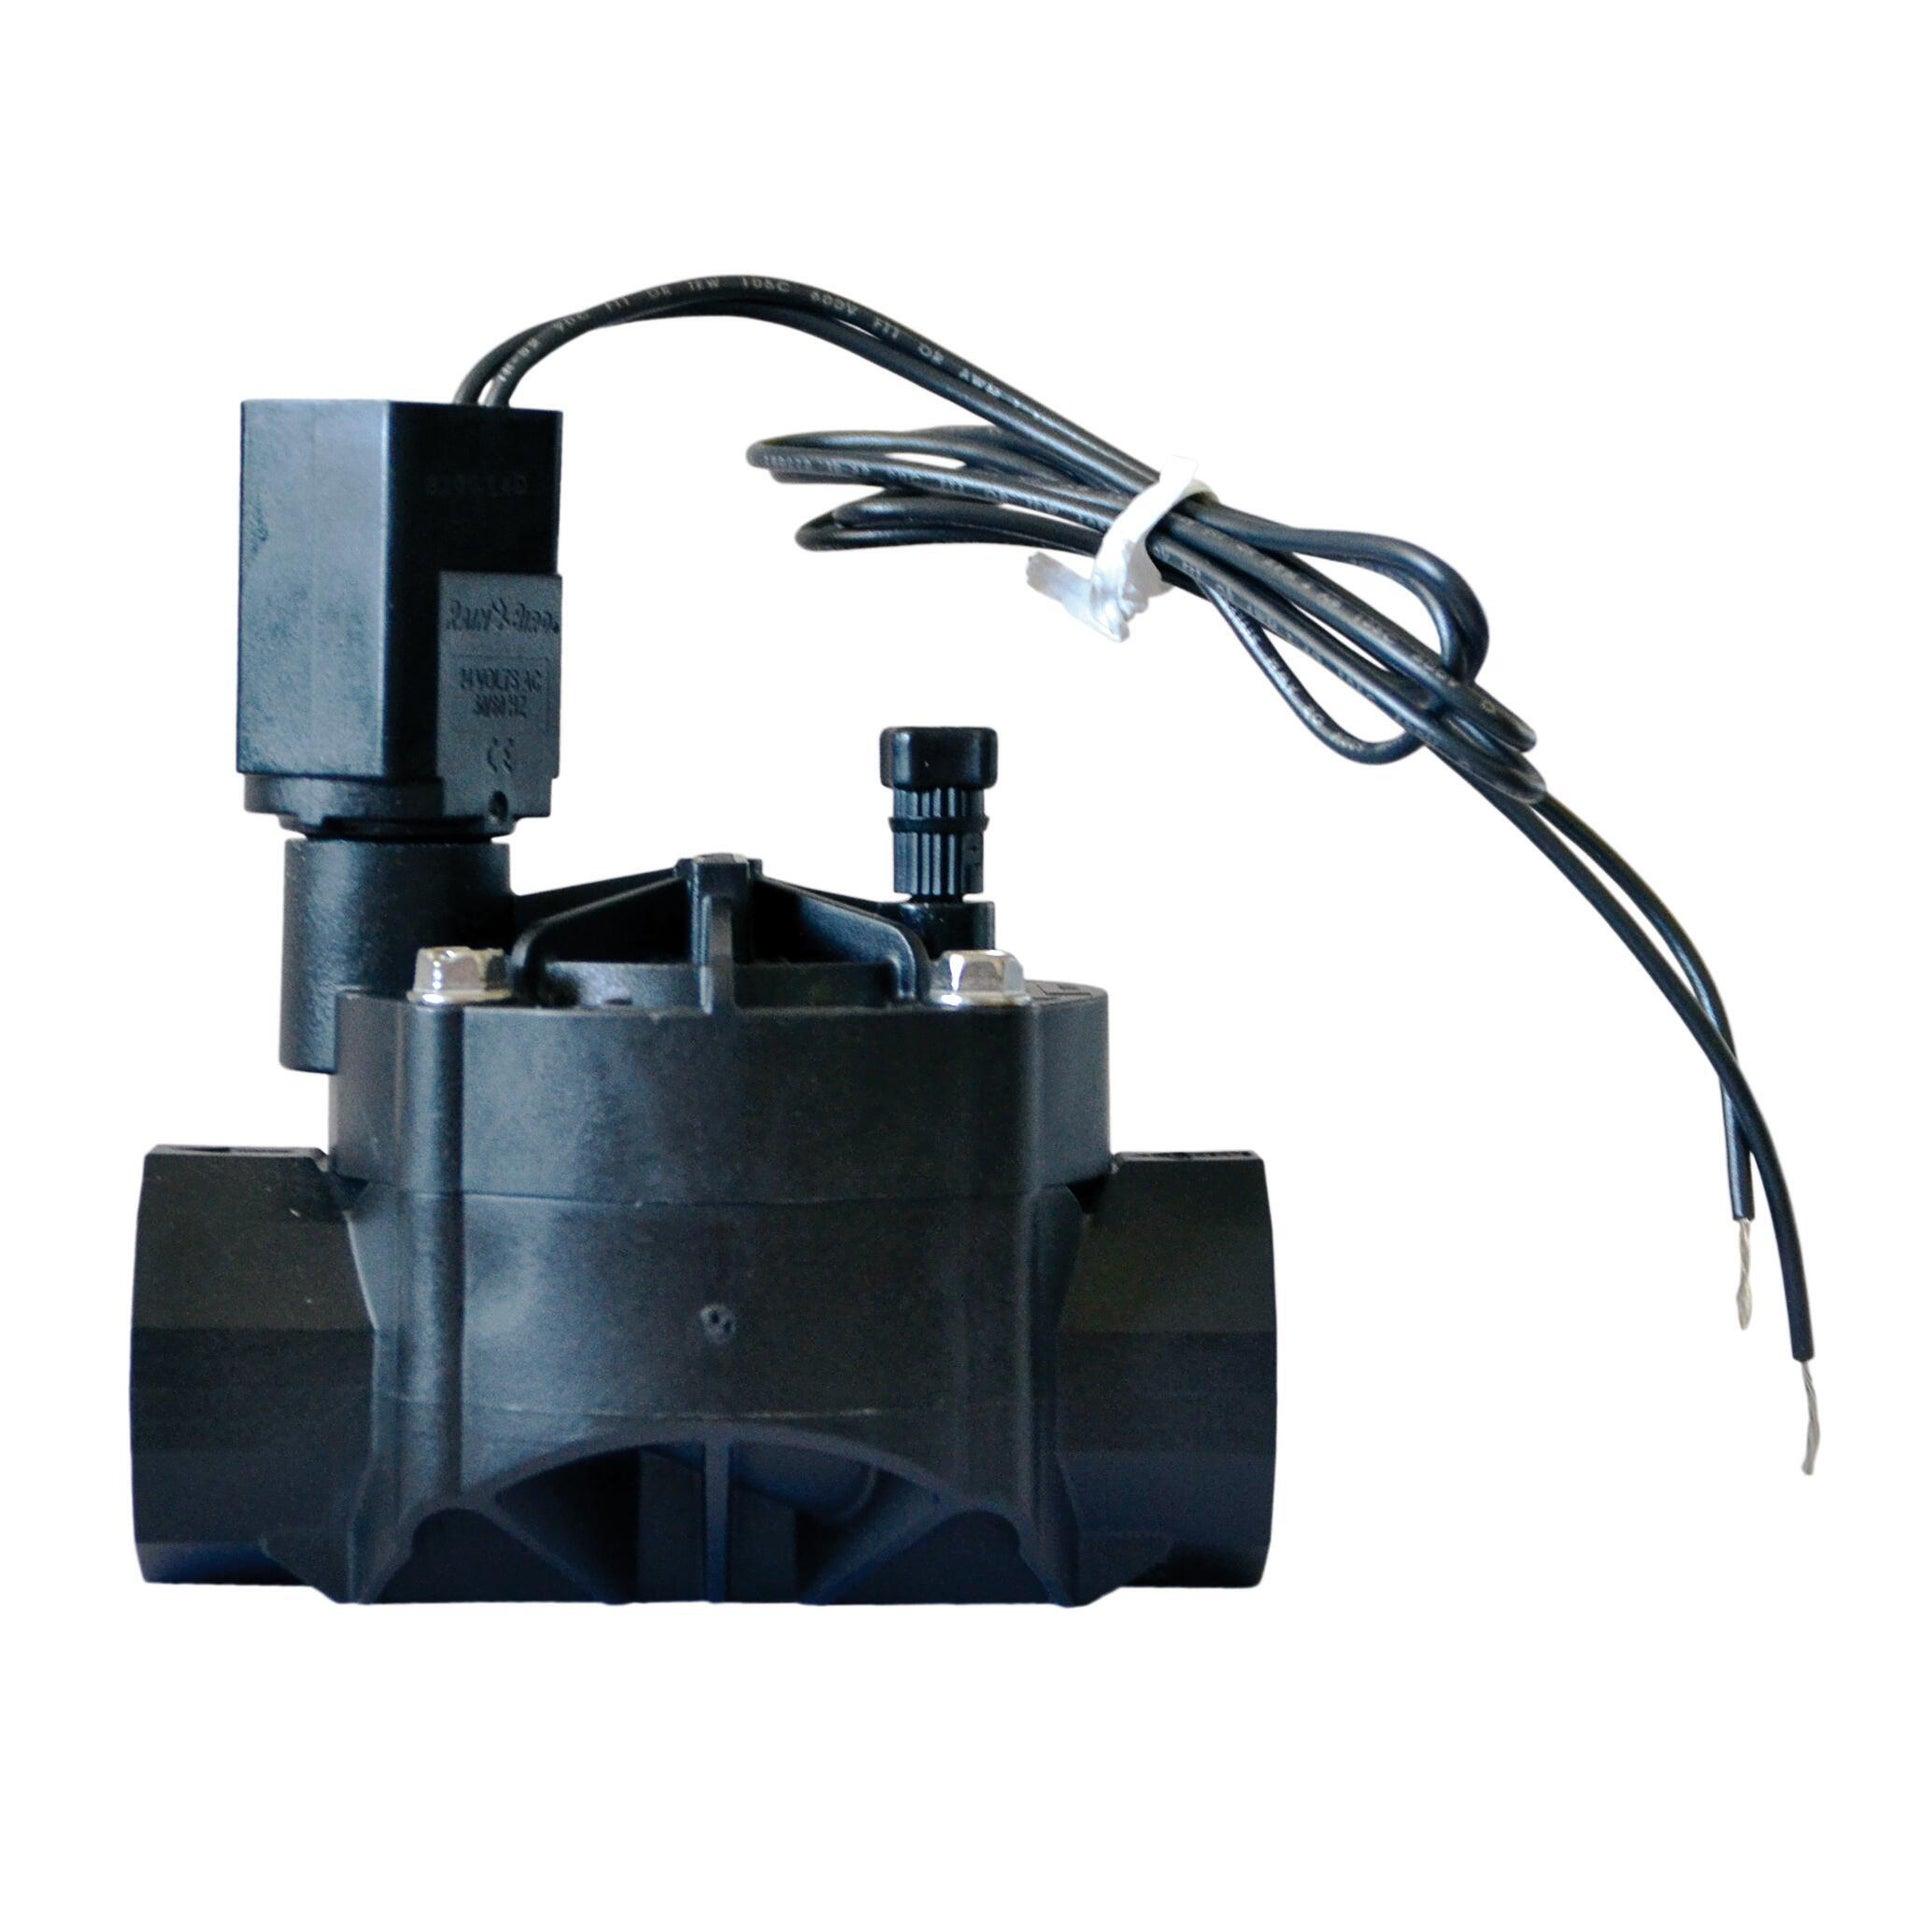 Elettrovalvola con regolatore di flusso RAIN BIRD 100 HV FF 24 V - 3